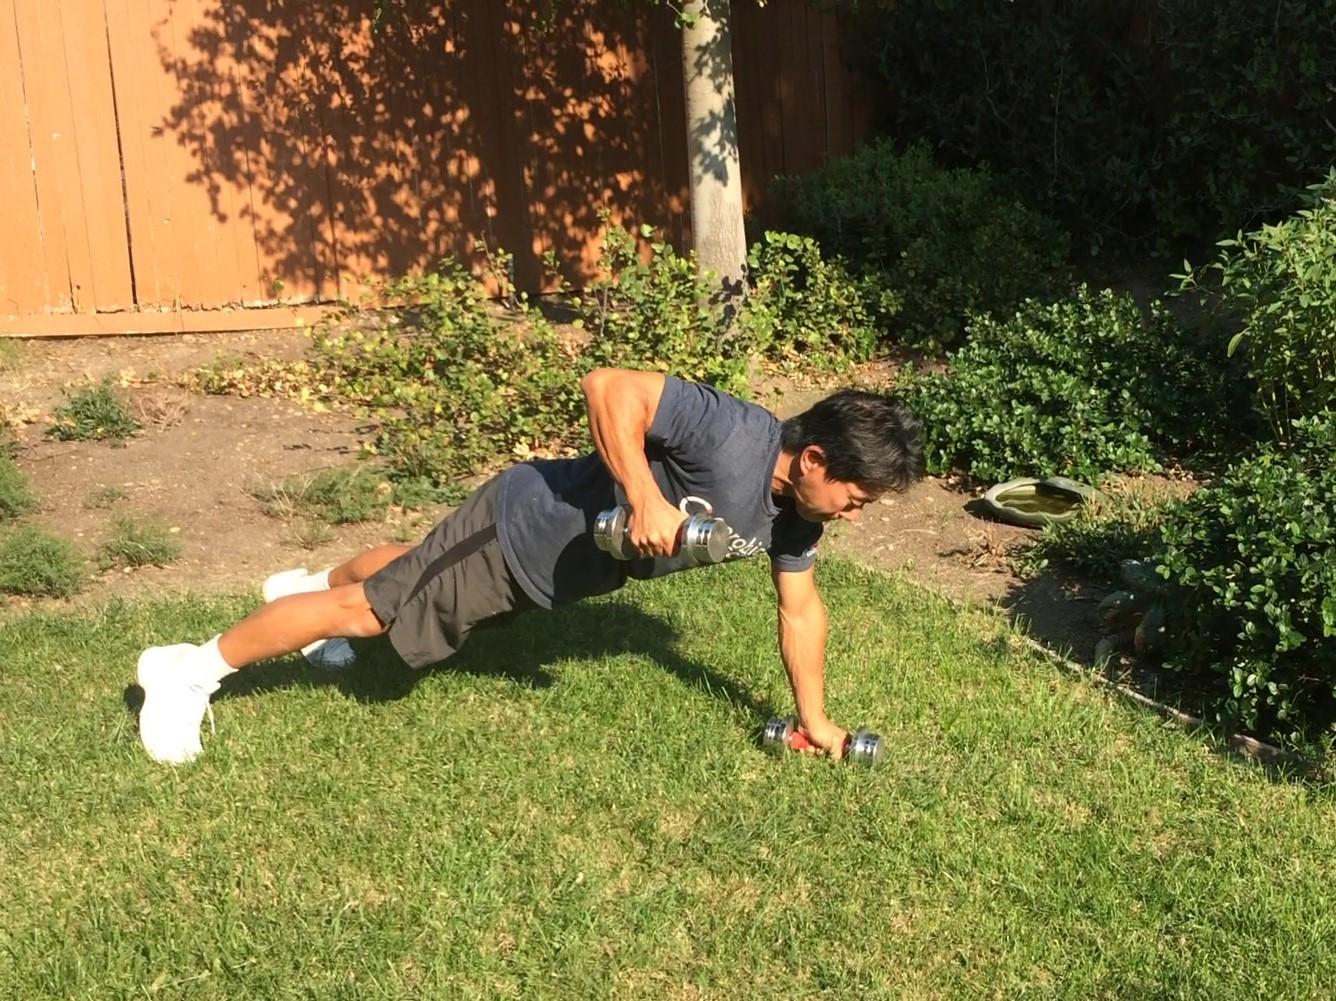 脂肪燃焼・筋肉量アップ・体幹強化に。ダンベルを使った筋トレメニュー3選